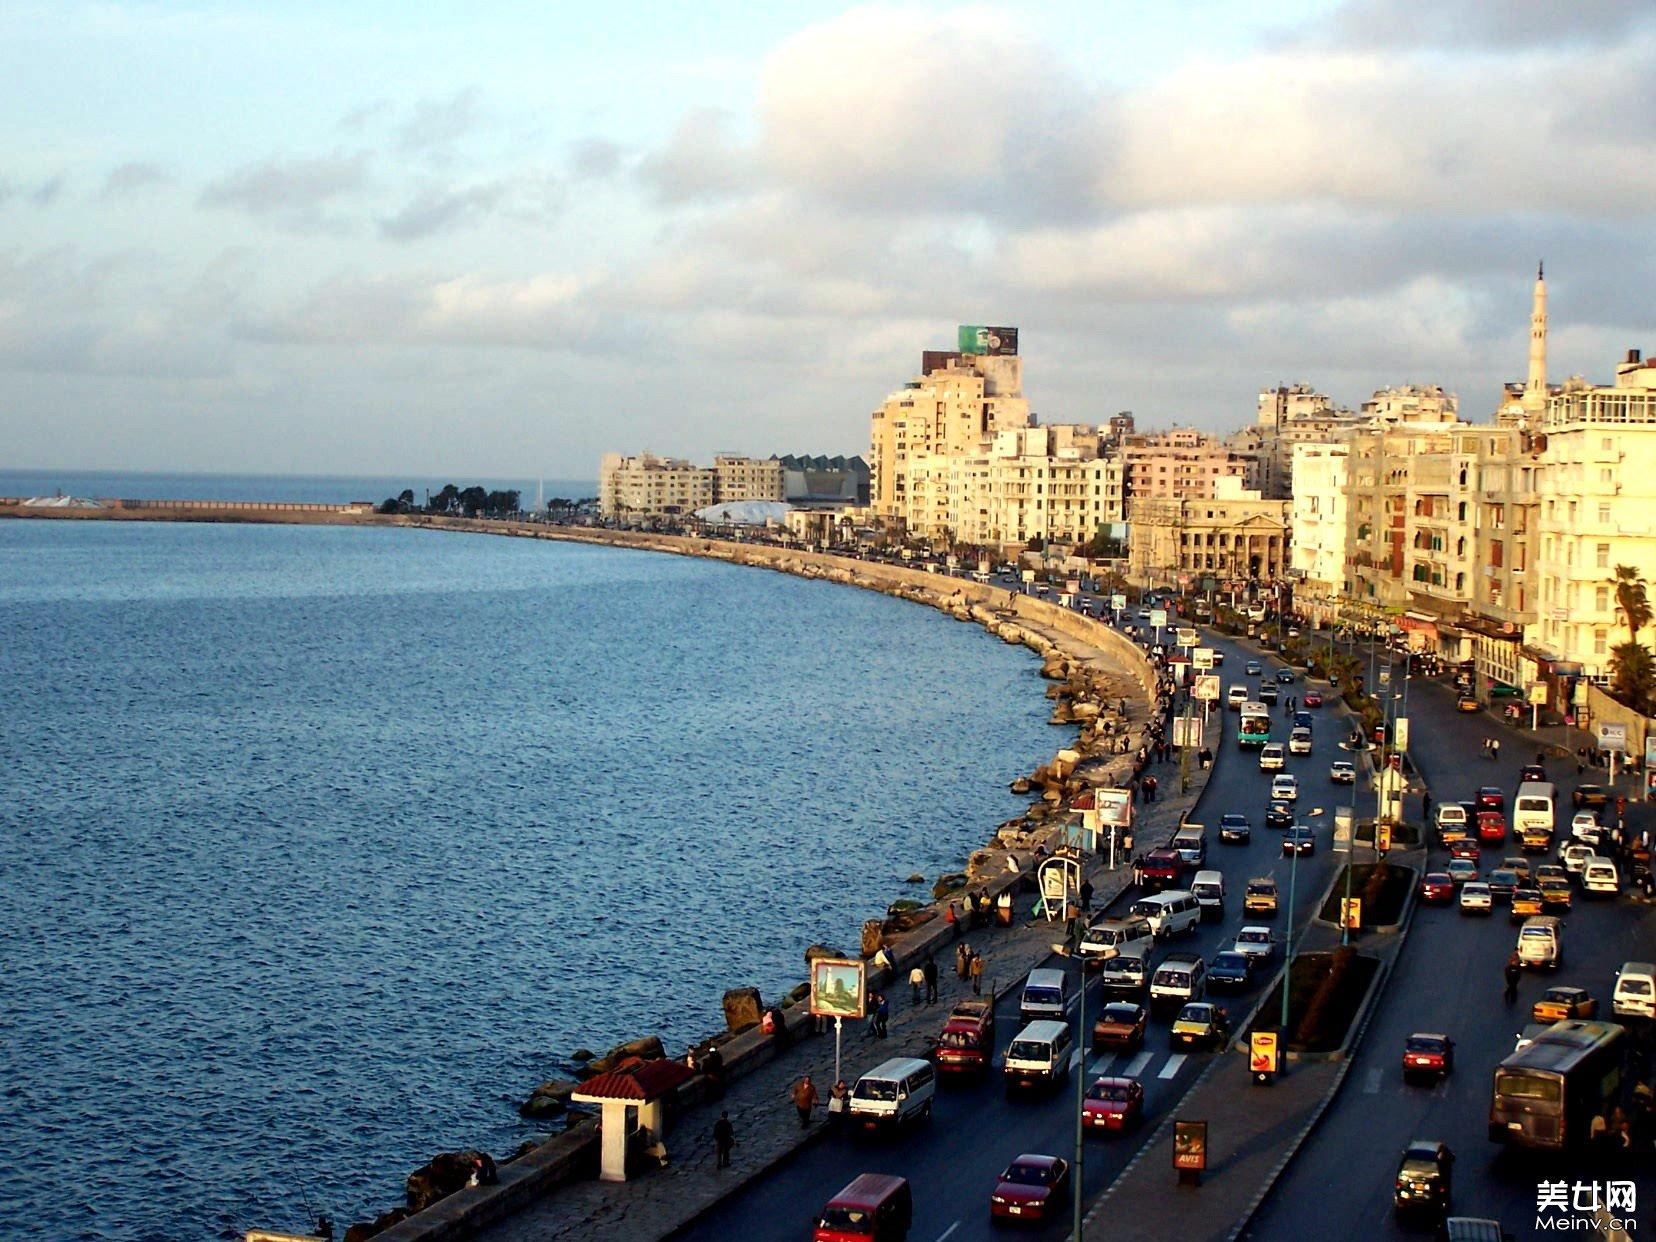 首页 ppt背景 风景ppt背景图片 > 开罗ppt背景图片  上一页:临沂盛能